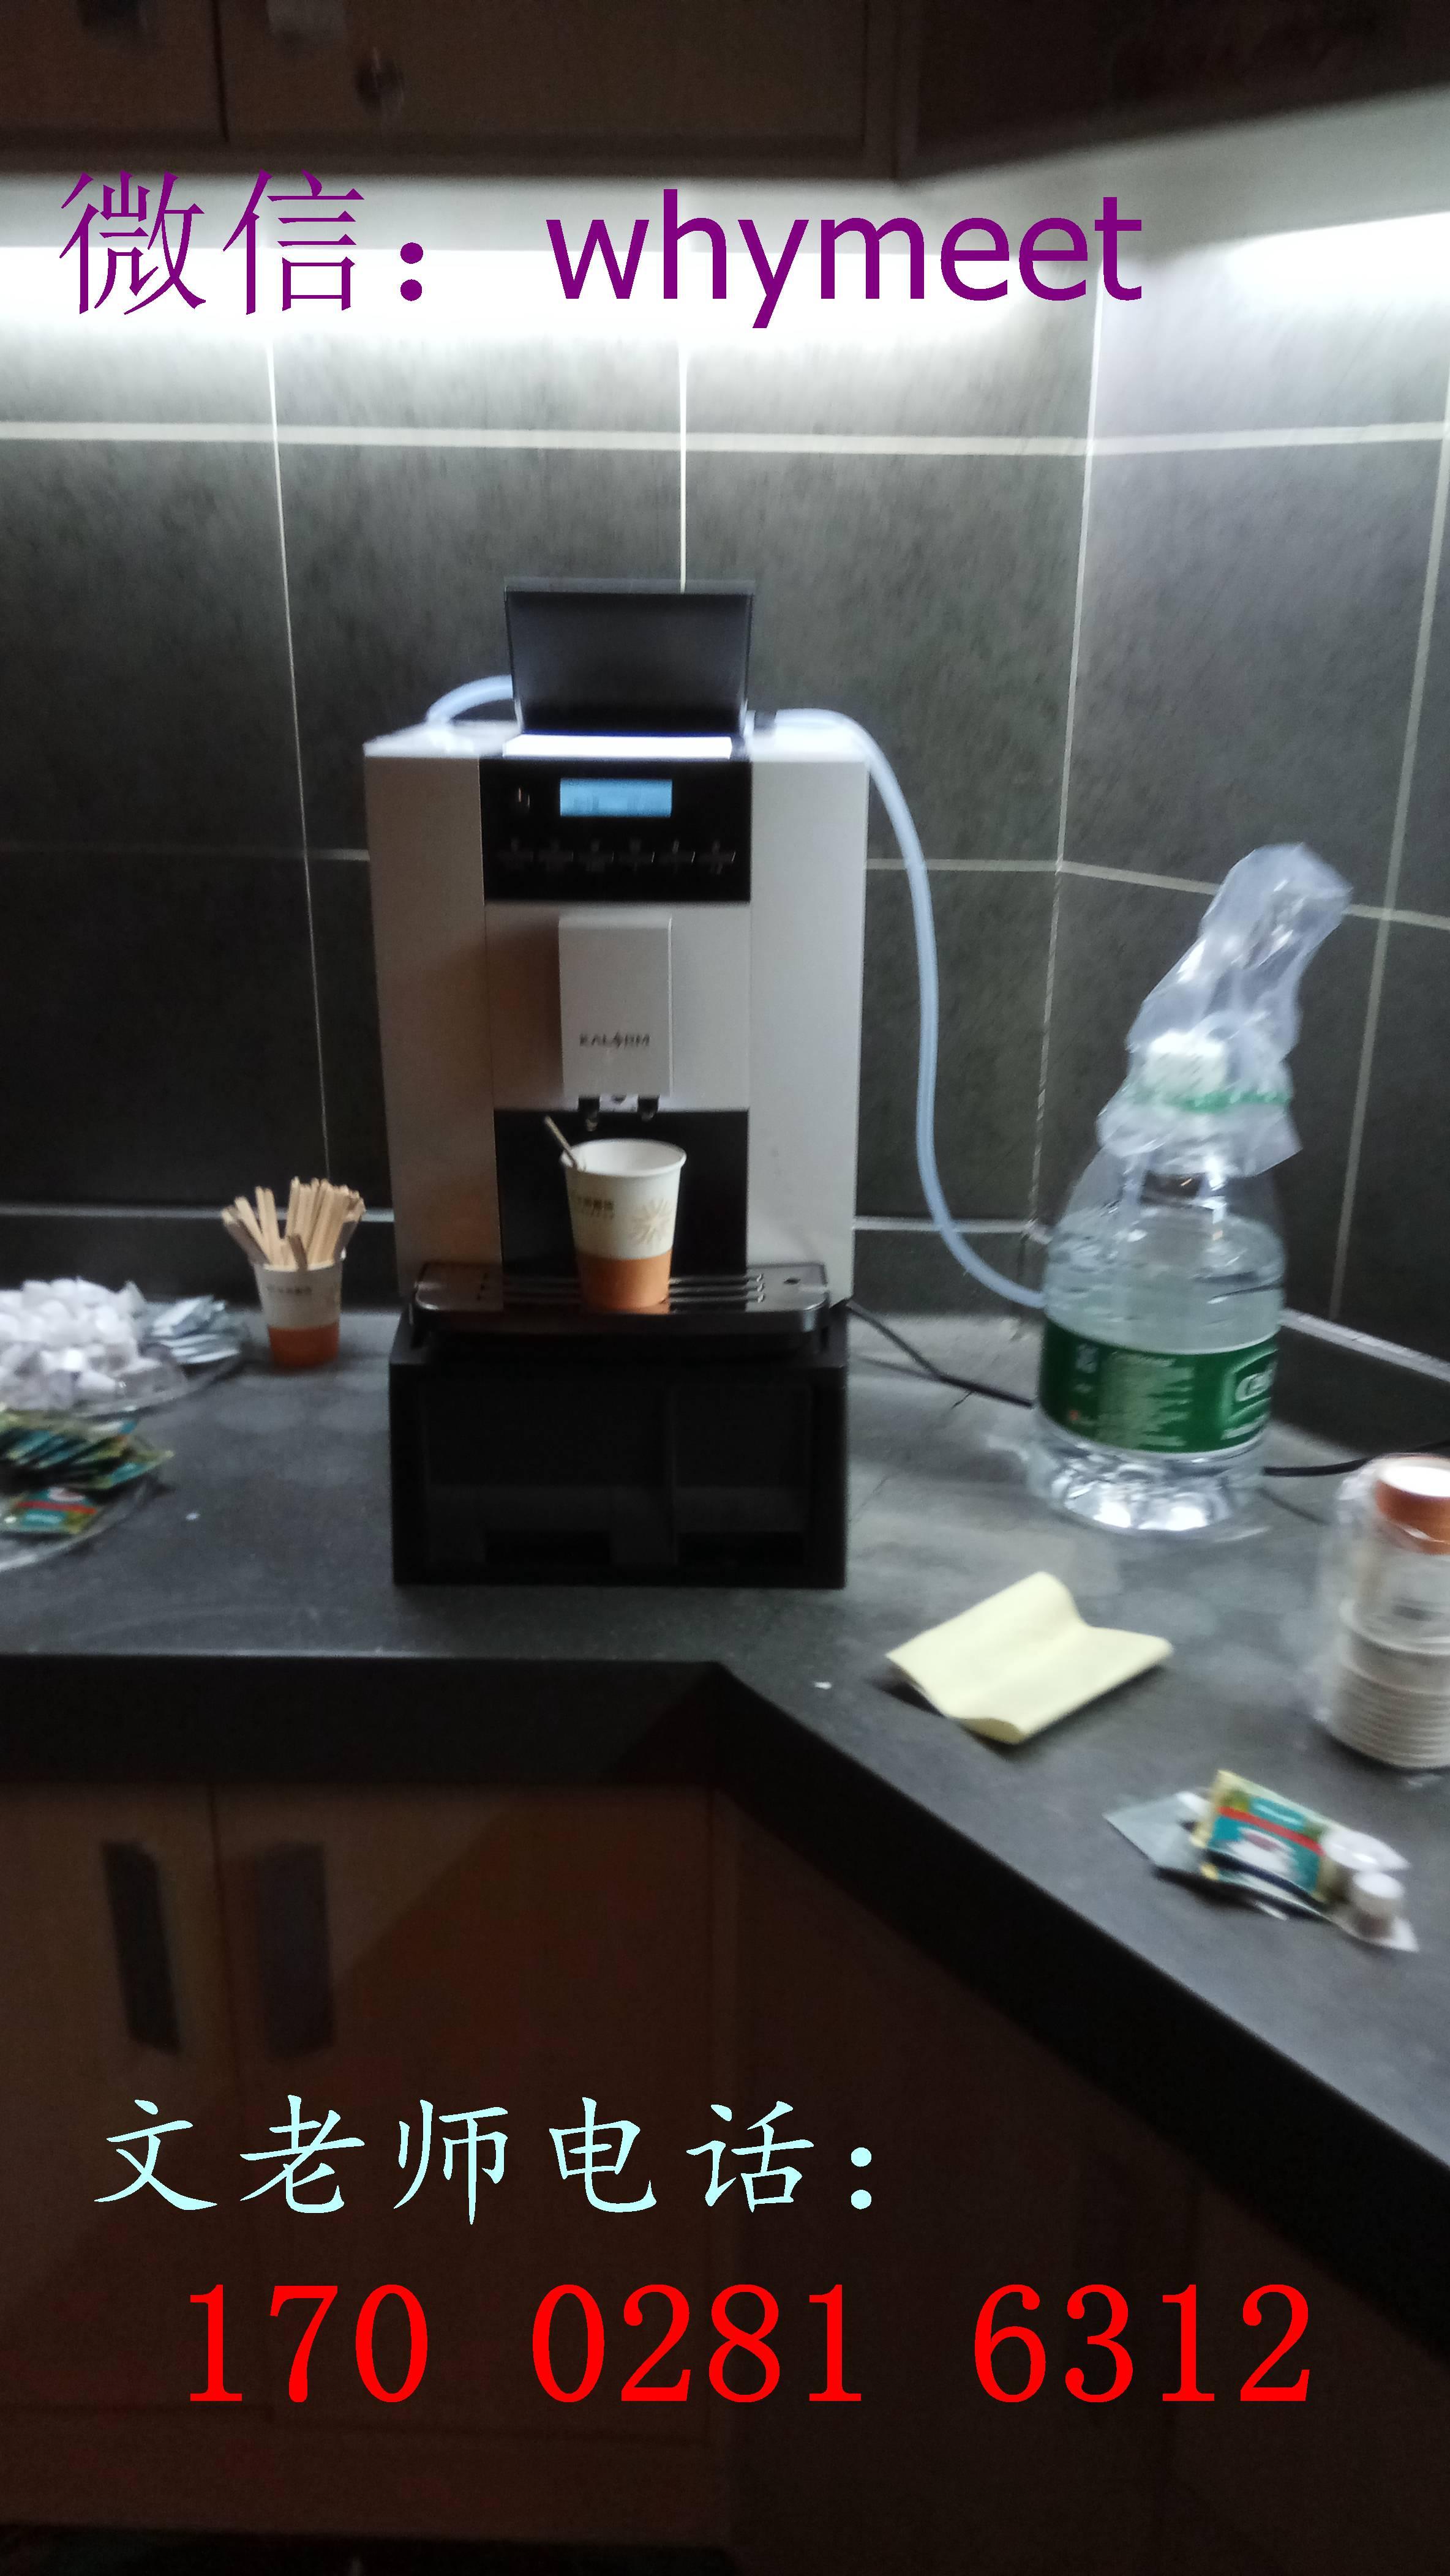 咖乐美咖啡机维修配件【文咖啡】咖乐美原厂维修配件,零件易损件